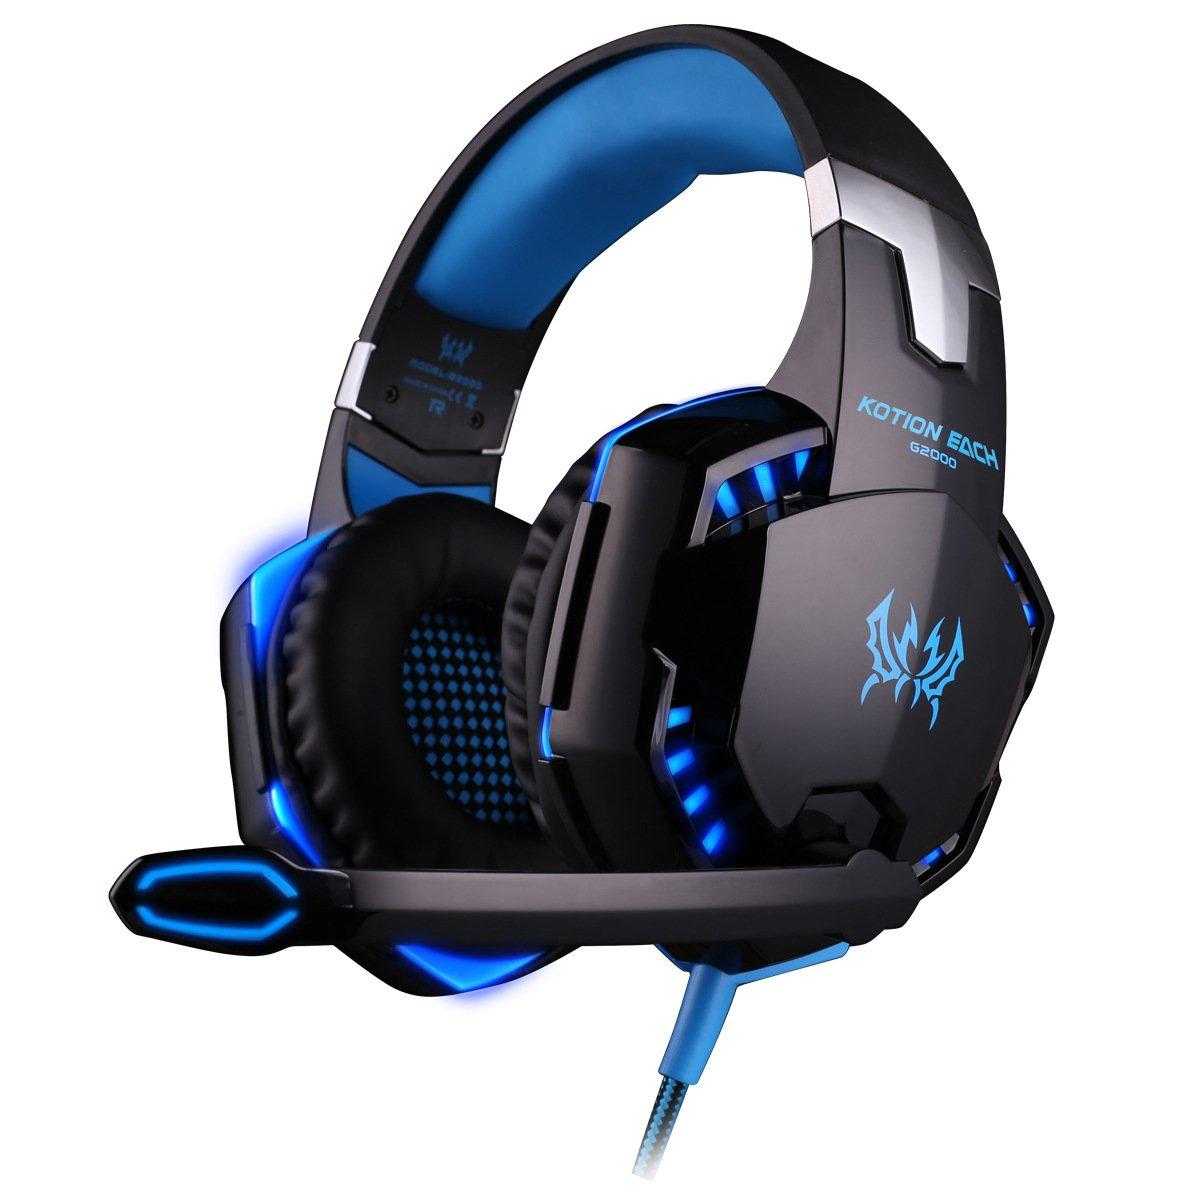 Gaming Headset, vectri verdrahteten 3.5 mm sopra l' orecchio gioco cuffie gaming headset auricolare fascia con microfono stereo Bass LED per PC gioco Film Gioco Giocare Chat Musica blu Blau